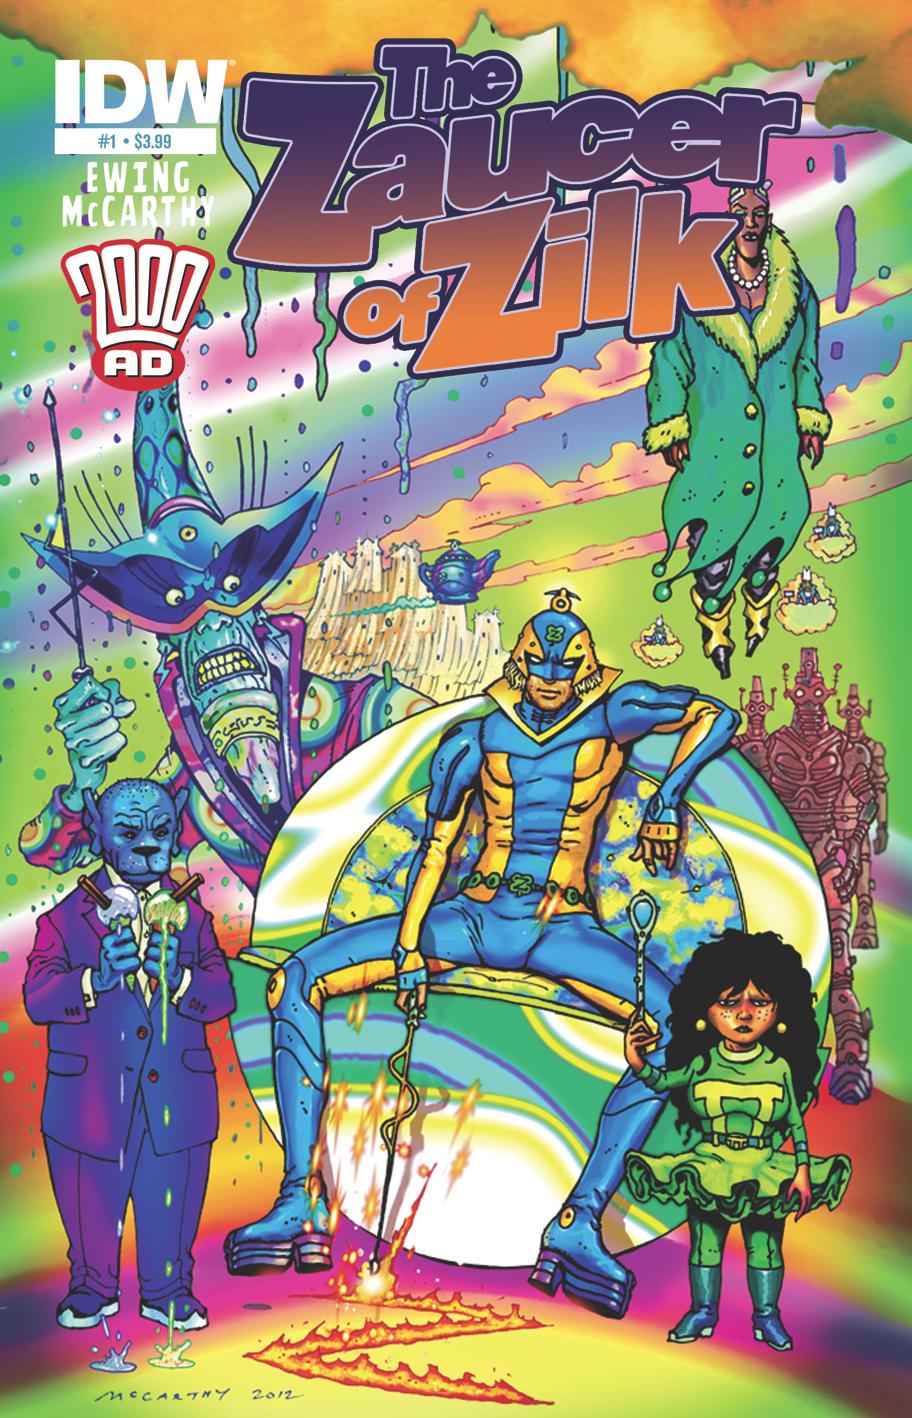 [Zaucer of Zilk Image]